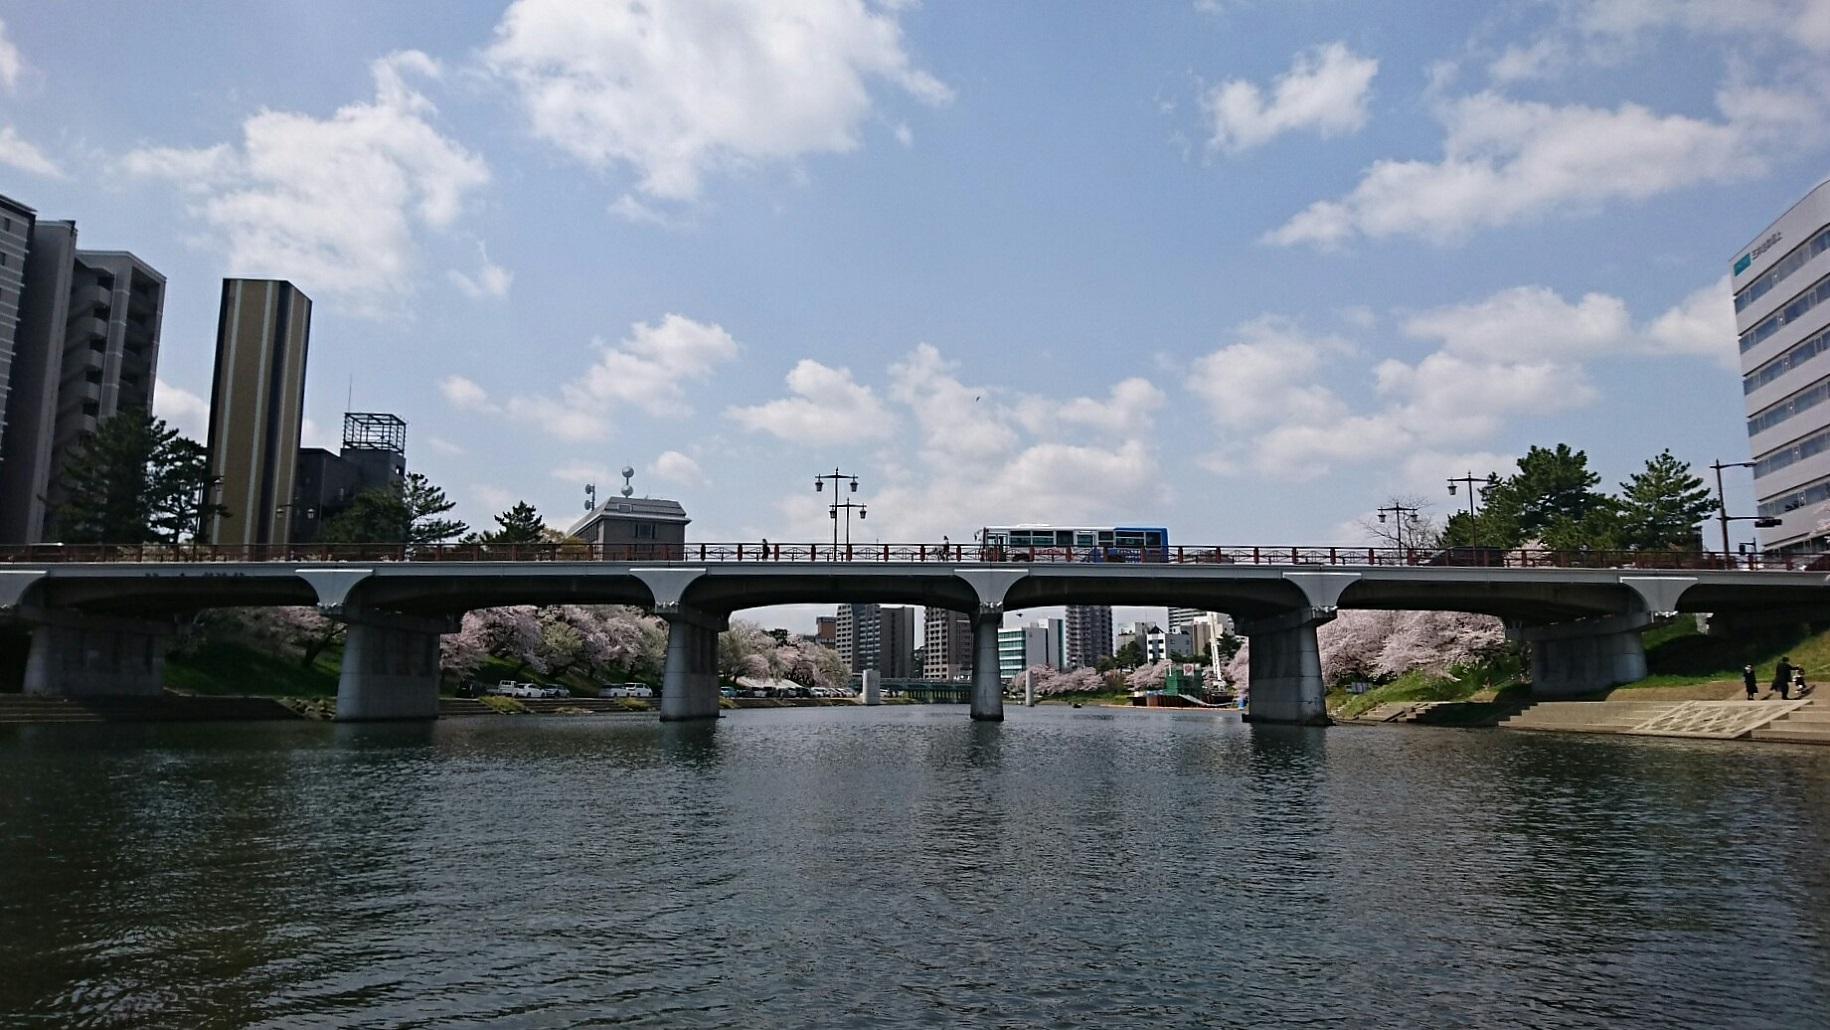 2018.3.31 岡崎ふなあそび (8) くだり - 明代橋 1830-1030